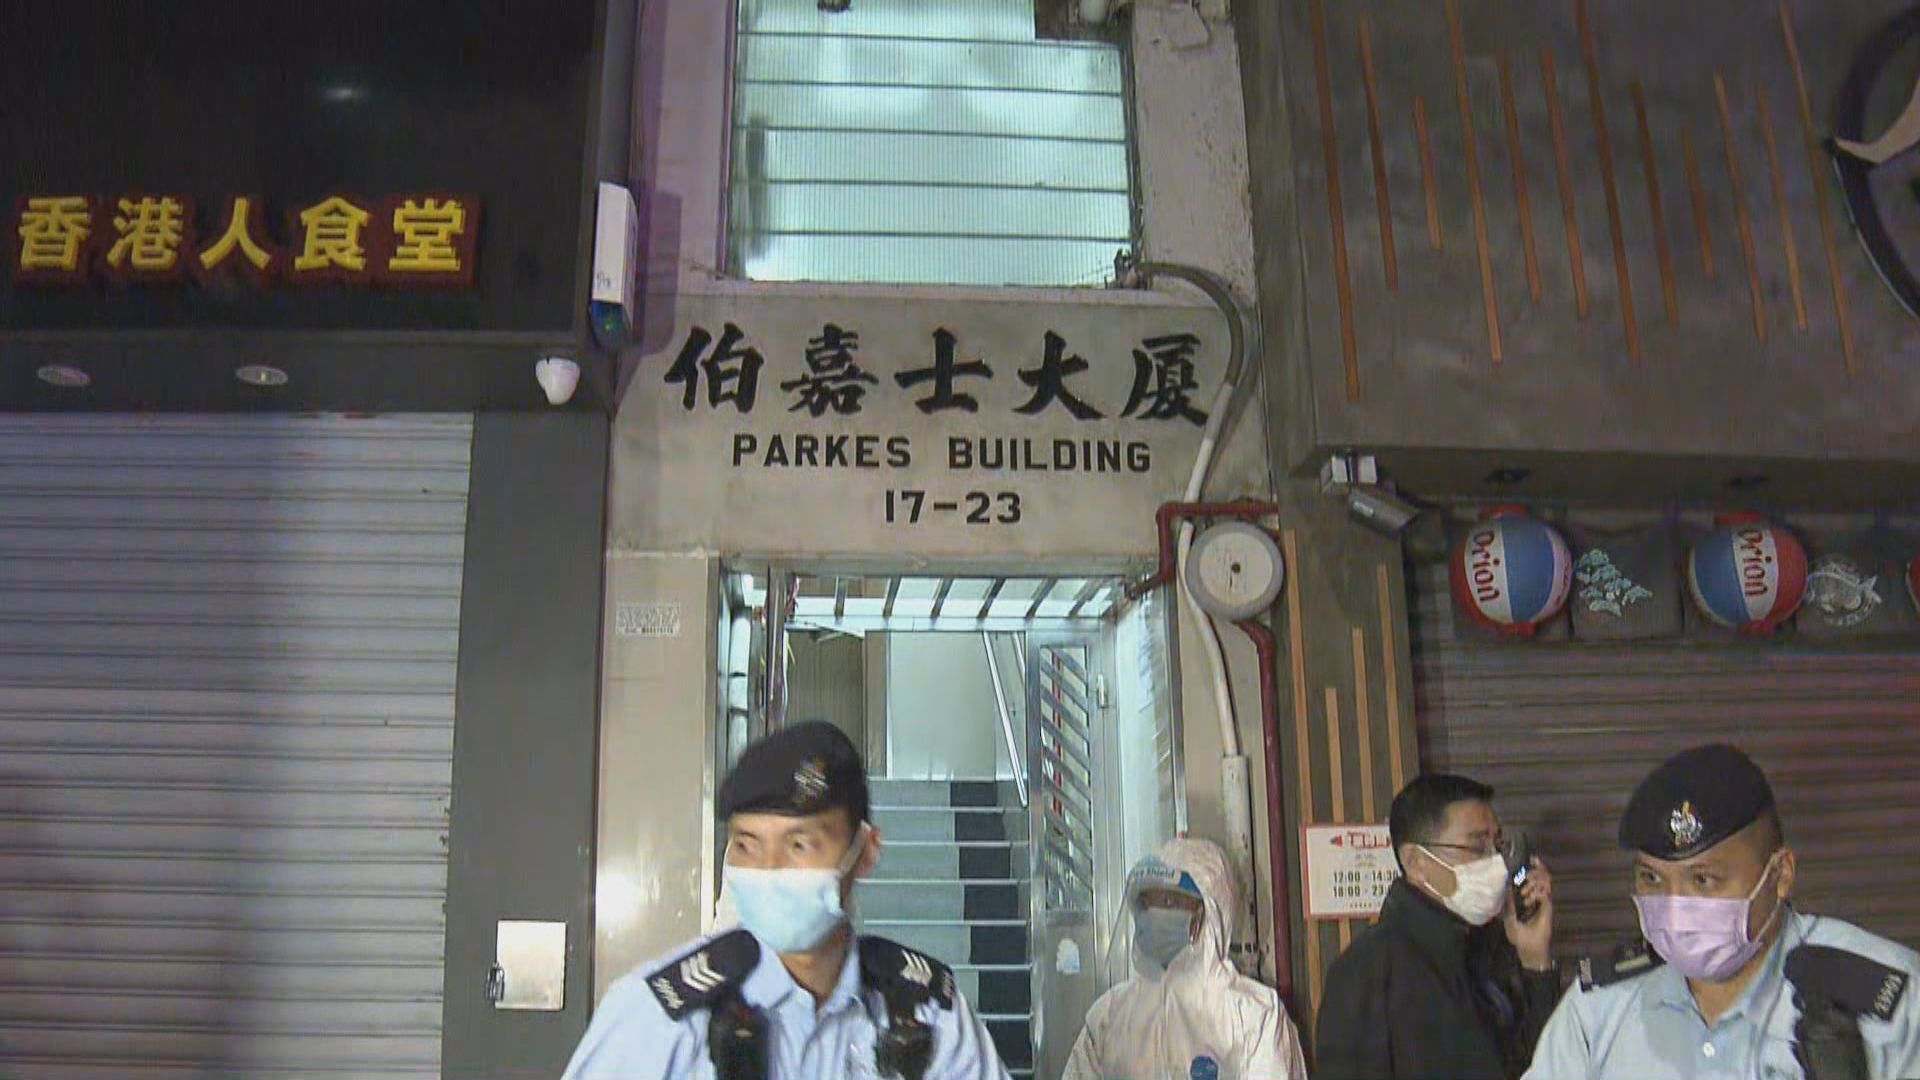 染變種病毒印裔男及女友人涉隱瞞柴灣聚會被捕 周一提堂